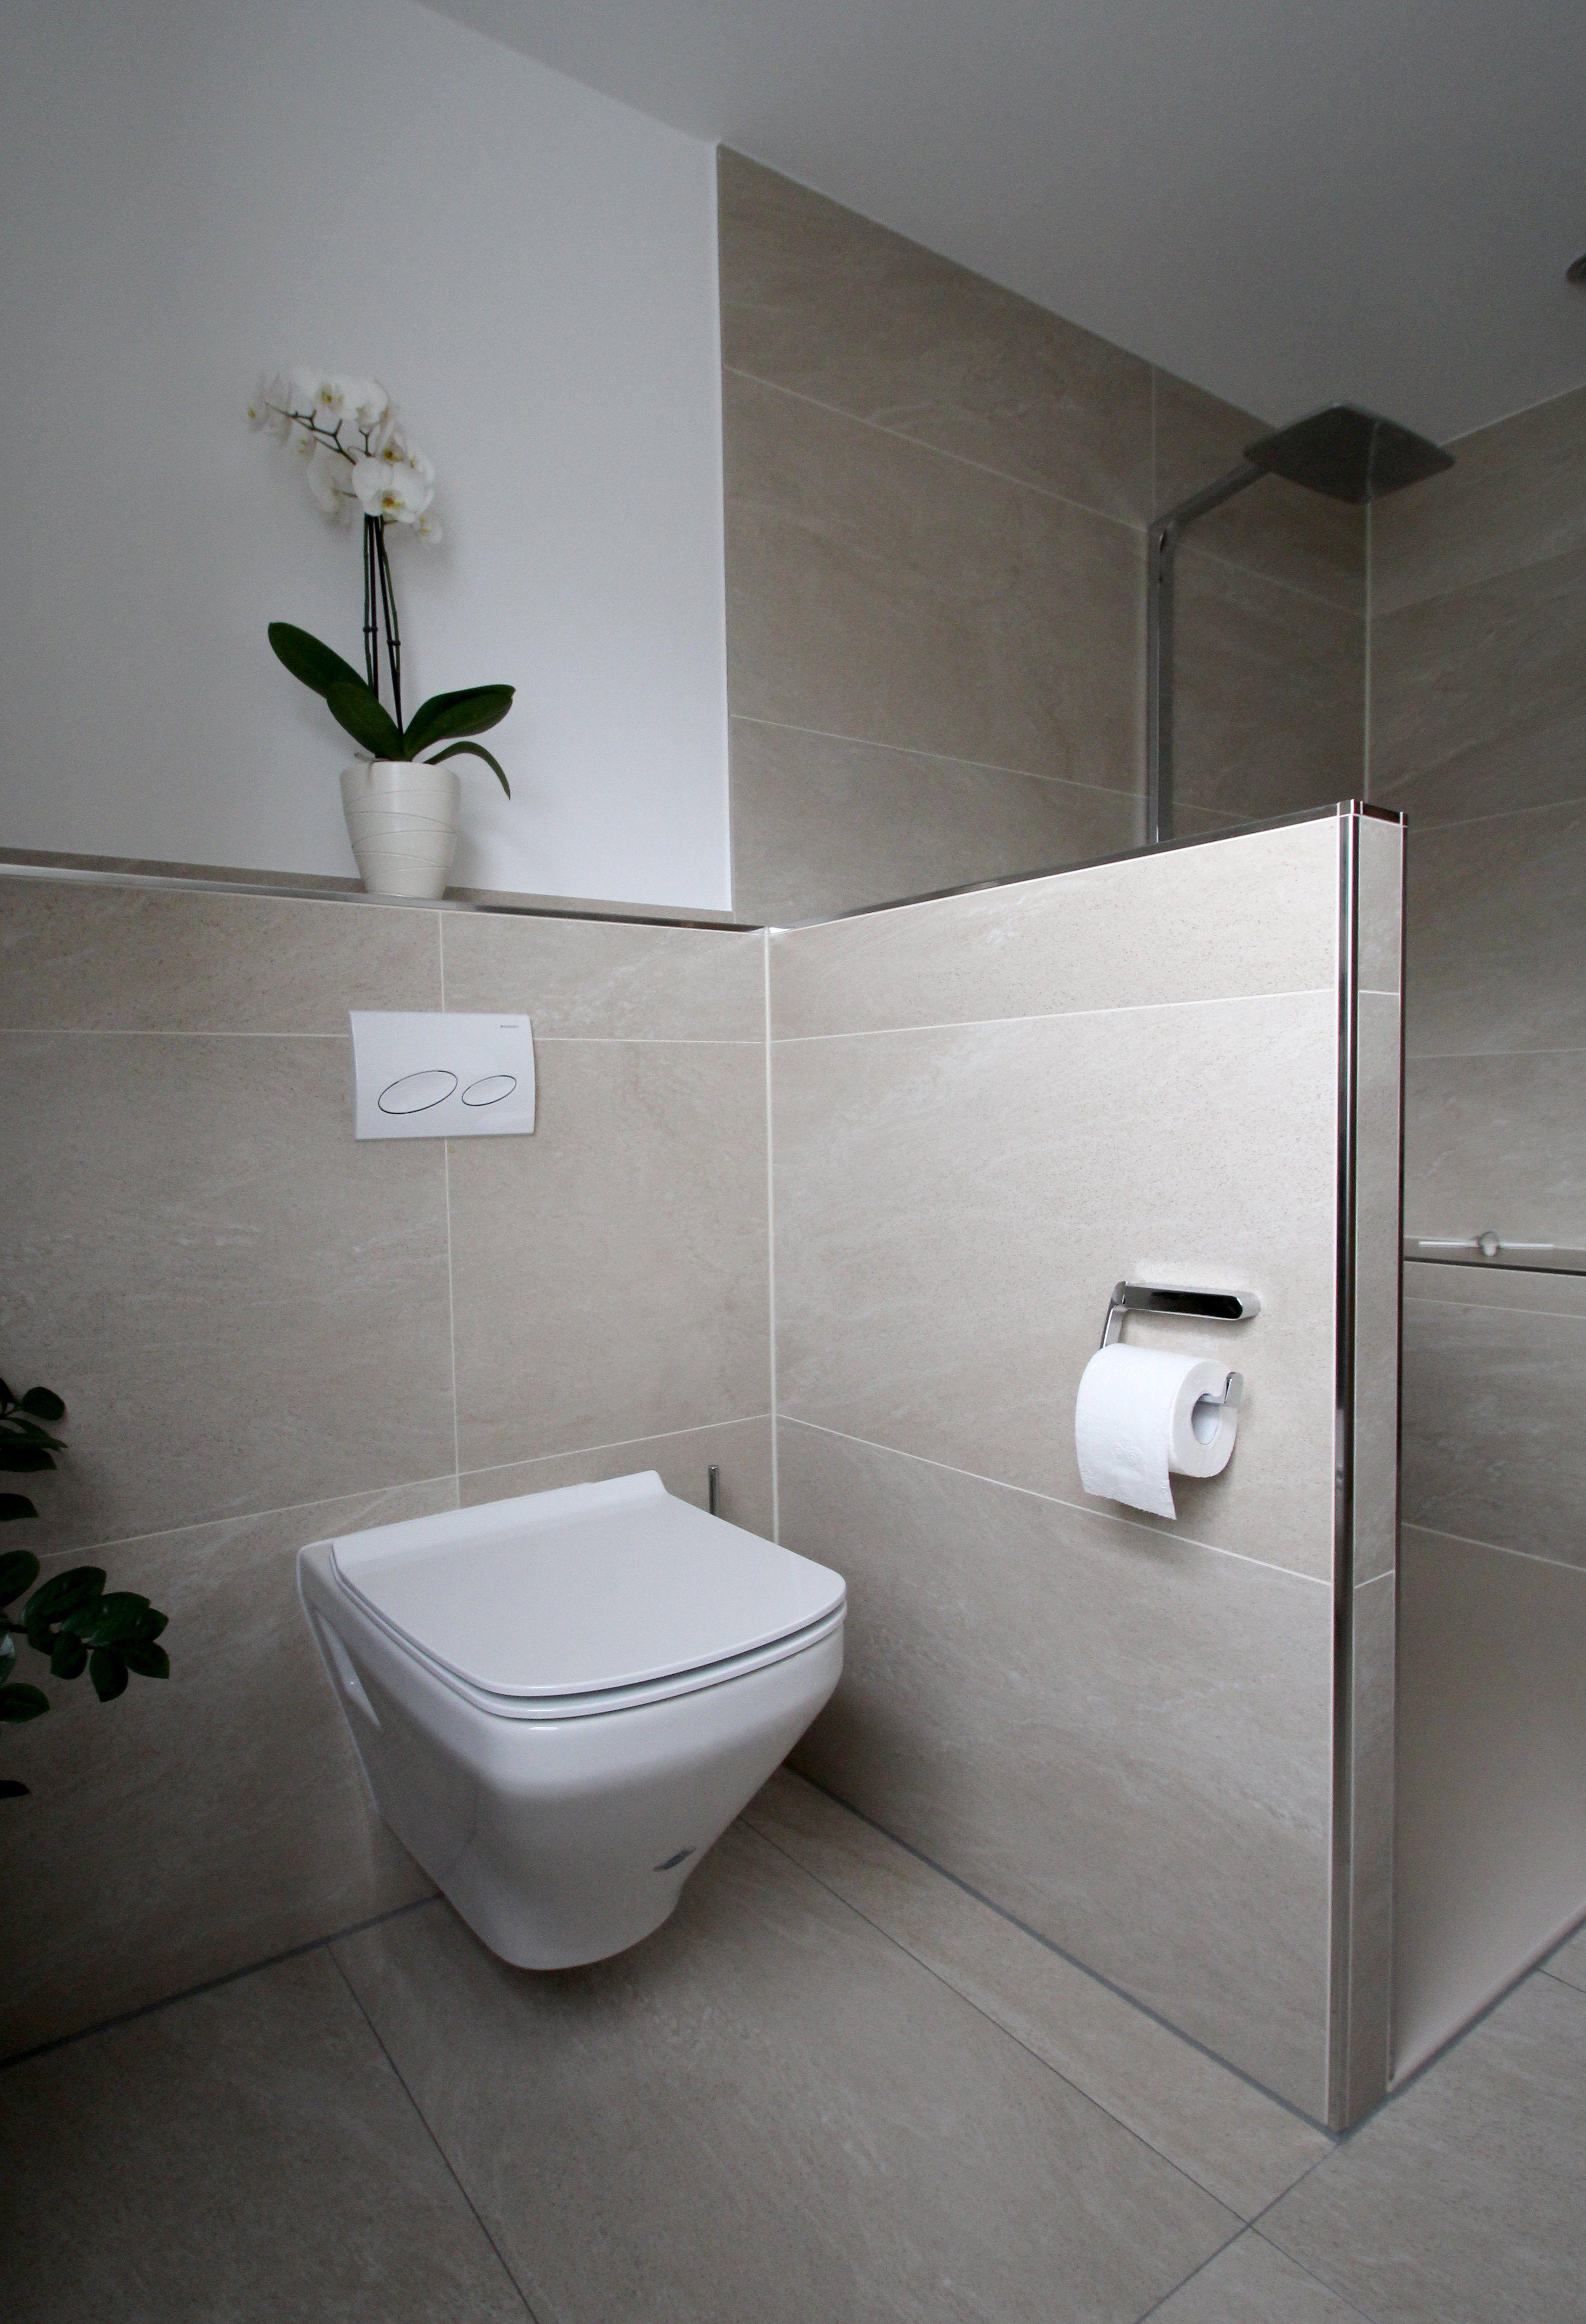 Badezimmer ideen halb geflieste wände muhovic muhovic on pinterest